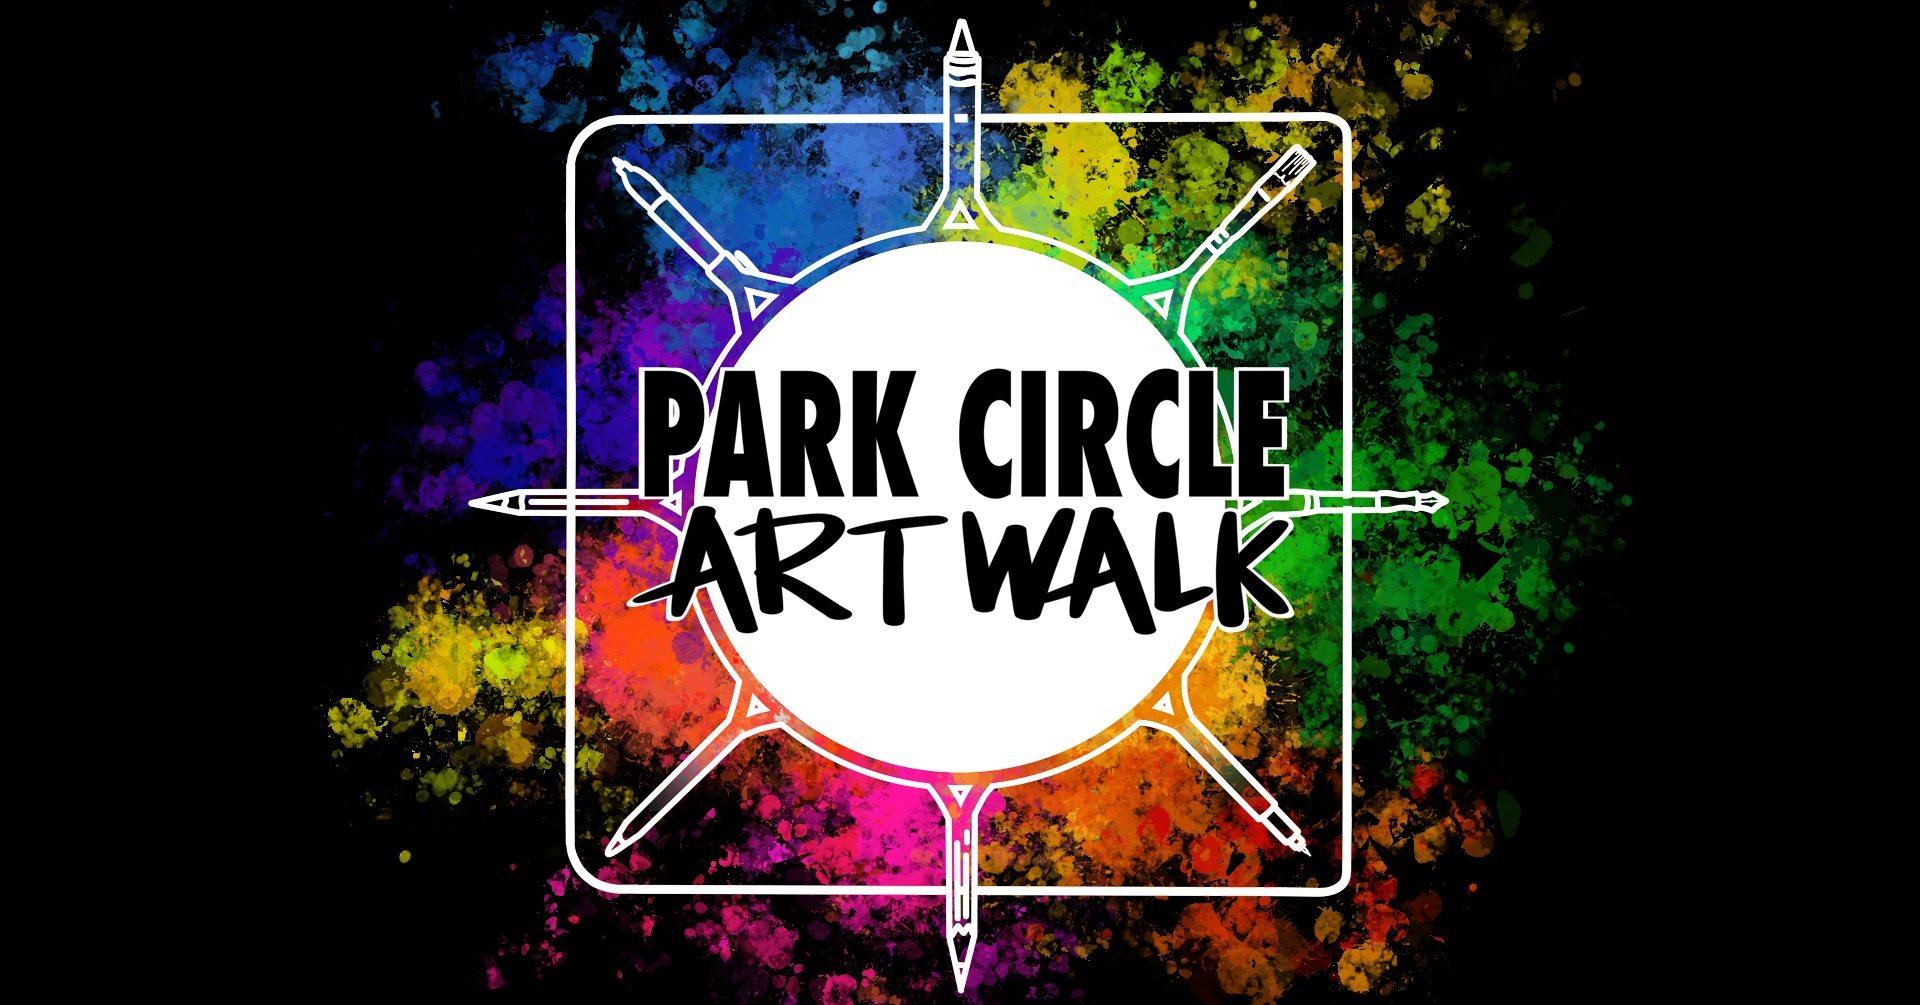 Fall Park Circle Art Walk